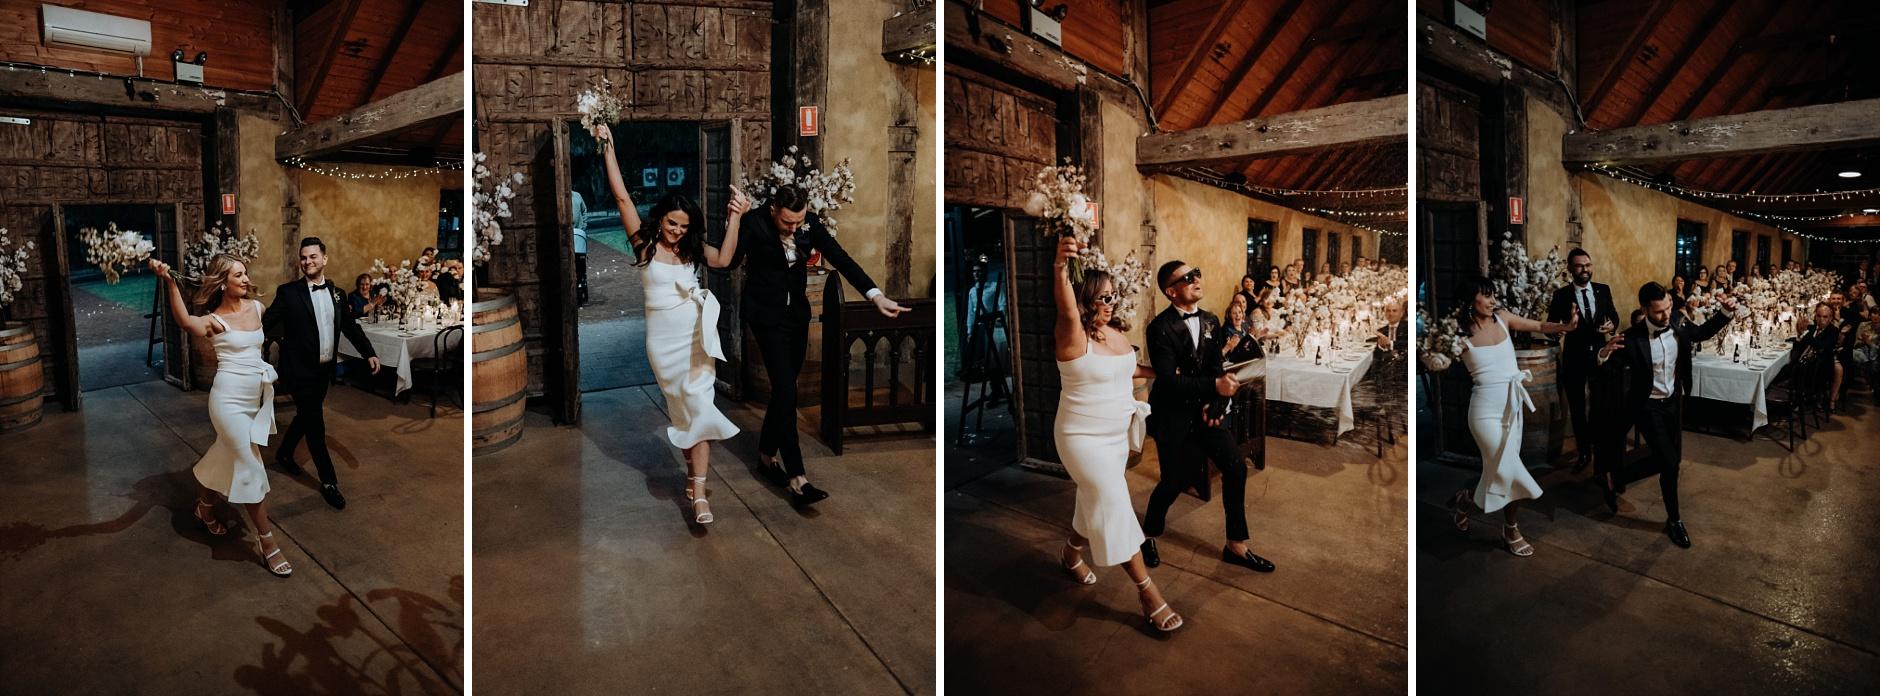 cassandra&cameron0829a_Peppers-Creek-Wedding.jpg